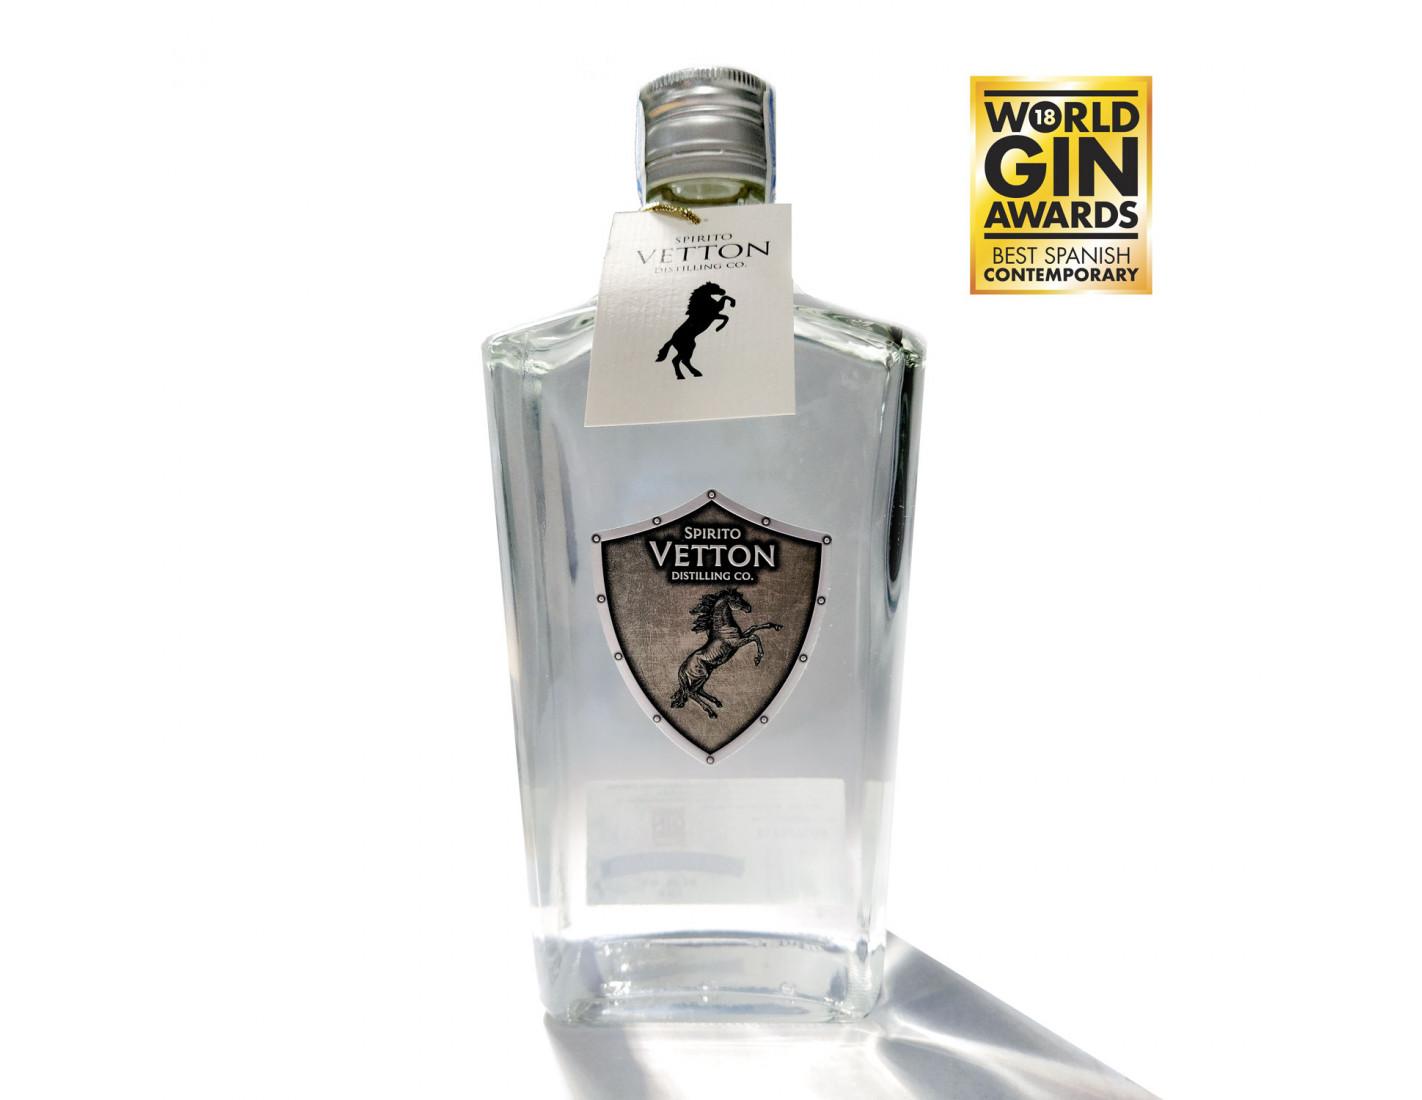 """Spirito Vetton Extra Dry 700 ml Premio Mejor Ginebra de España """"World Gin Awards 2018"""""""